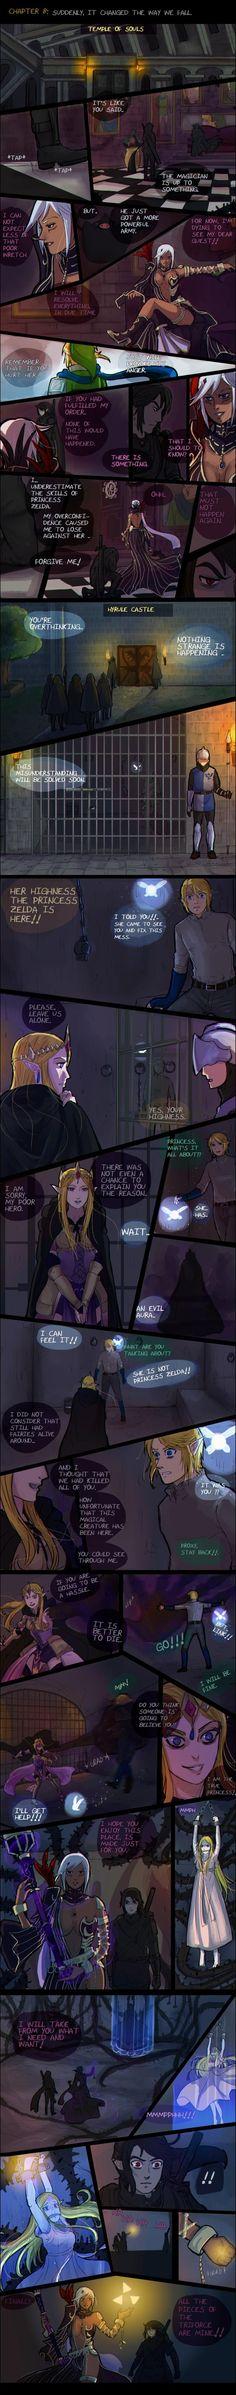 +(- The legend of Zelda doodles -)+ by AngelJasiel on DeviantArt Legend Of Zelda Memes, Legend Of Zelda Breath, Video Game Art, Video Games, Gravity Falls, Hyrule Warriors Link, Botw Zelda, Nintendo, Link Zelda